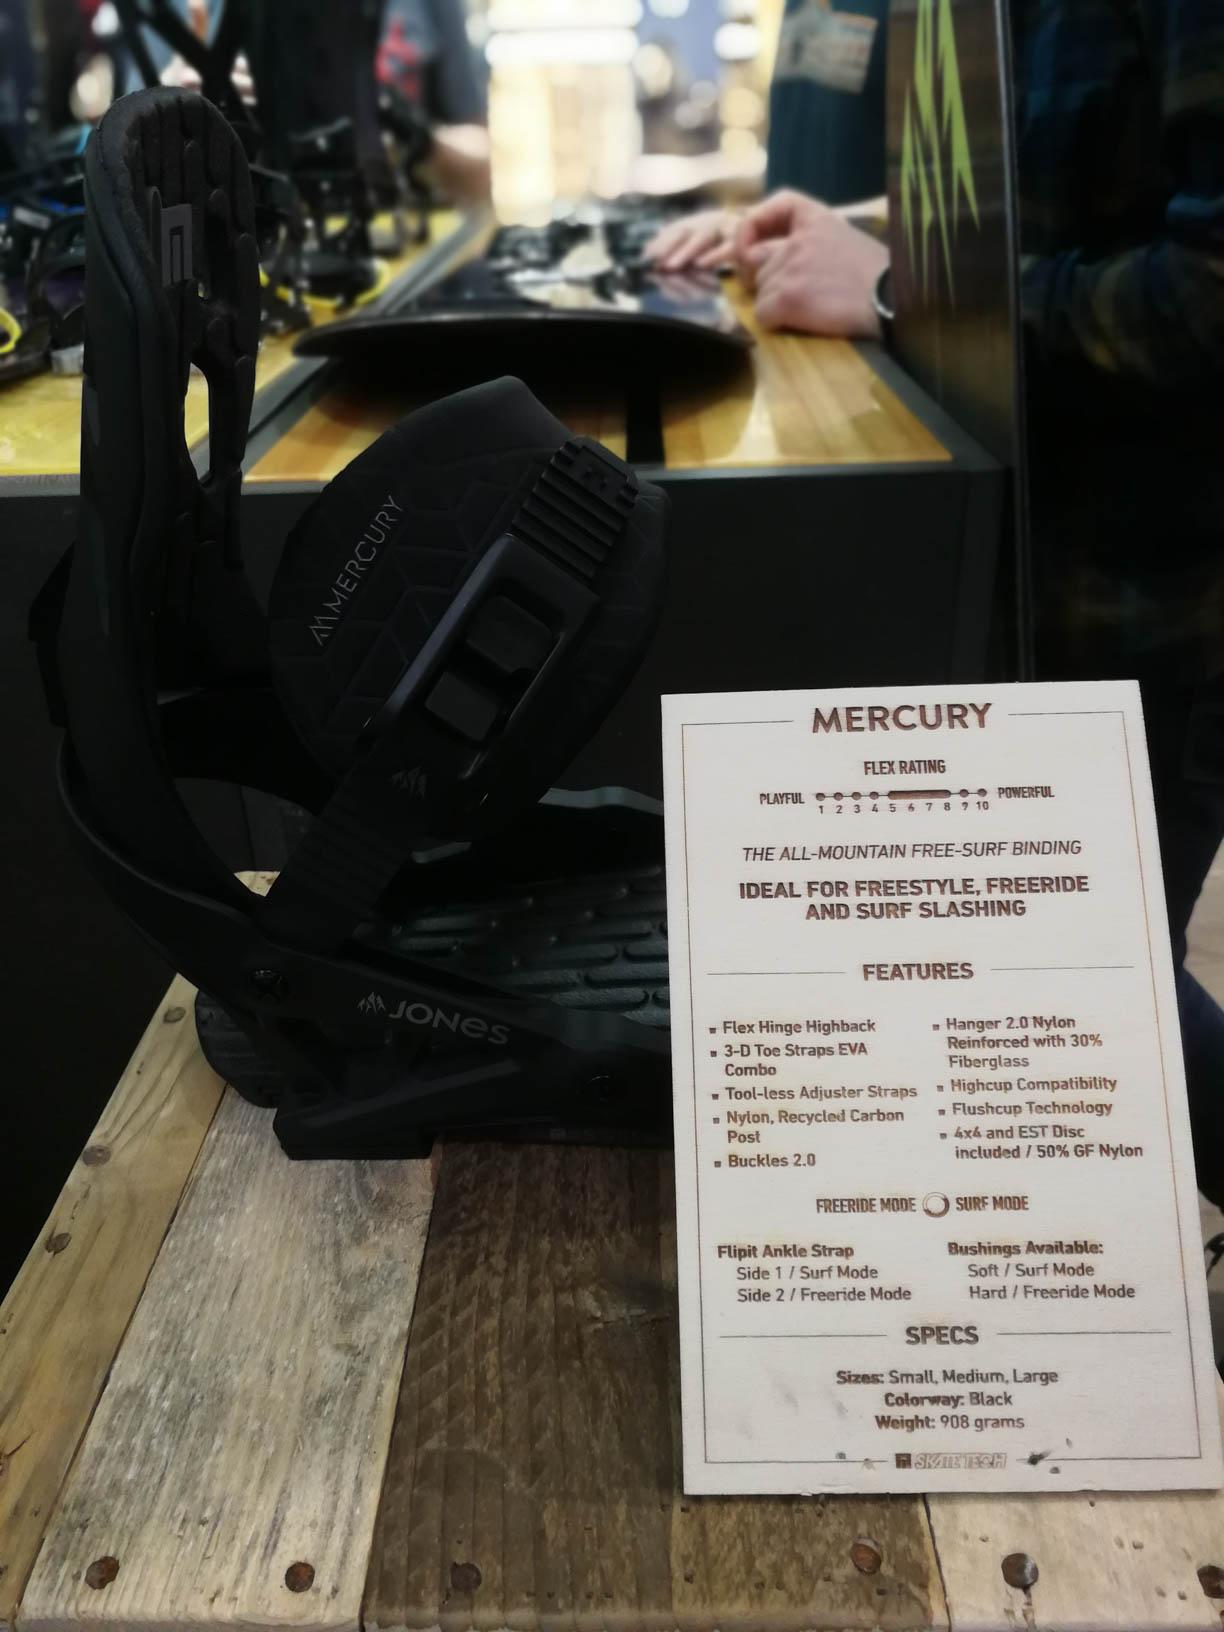 Neue Bindung von Jones Snowboards - Mercury 18/19